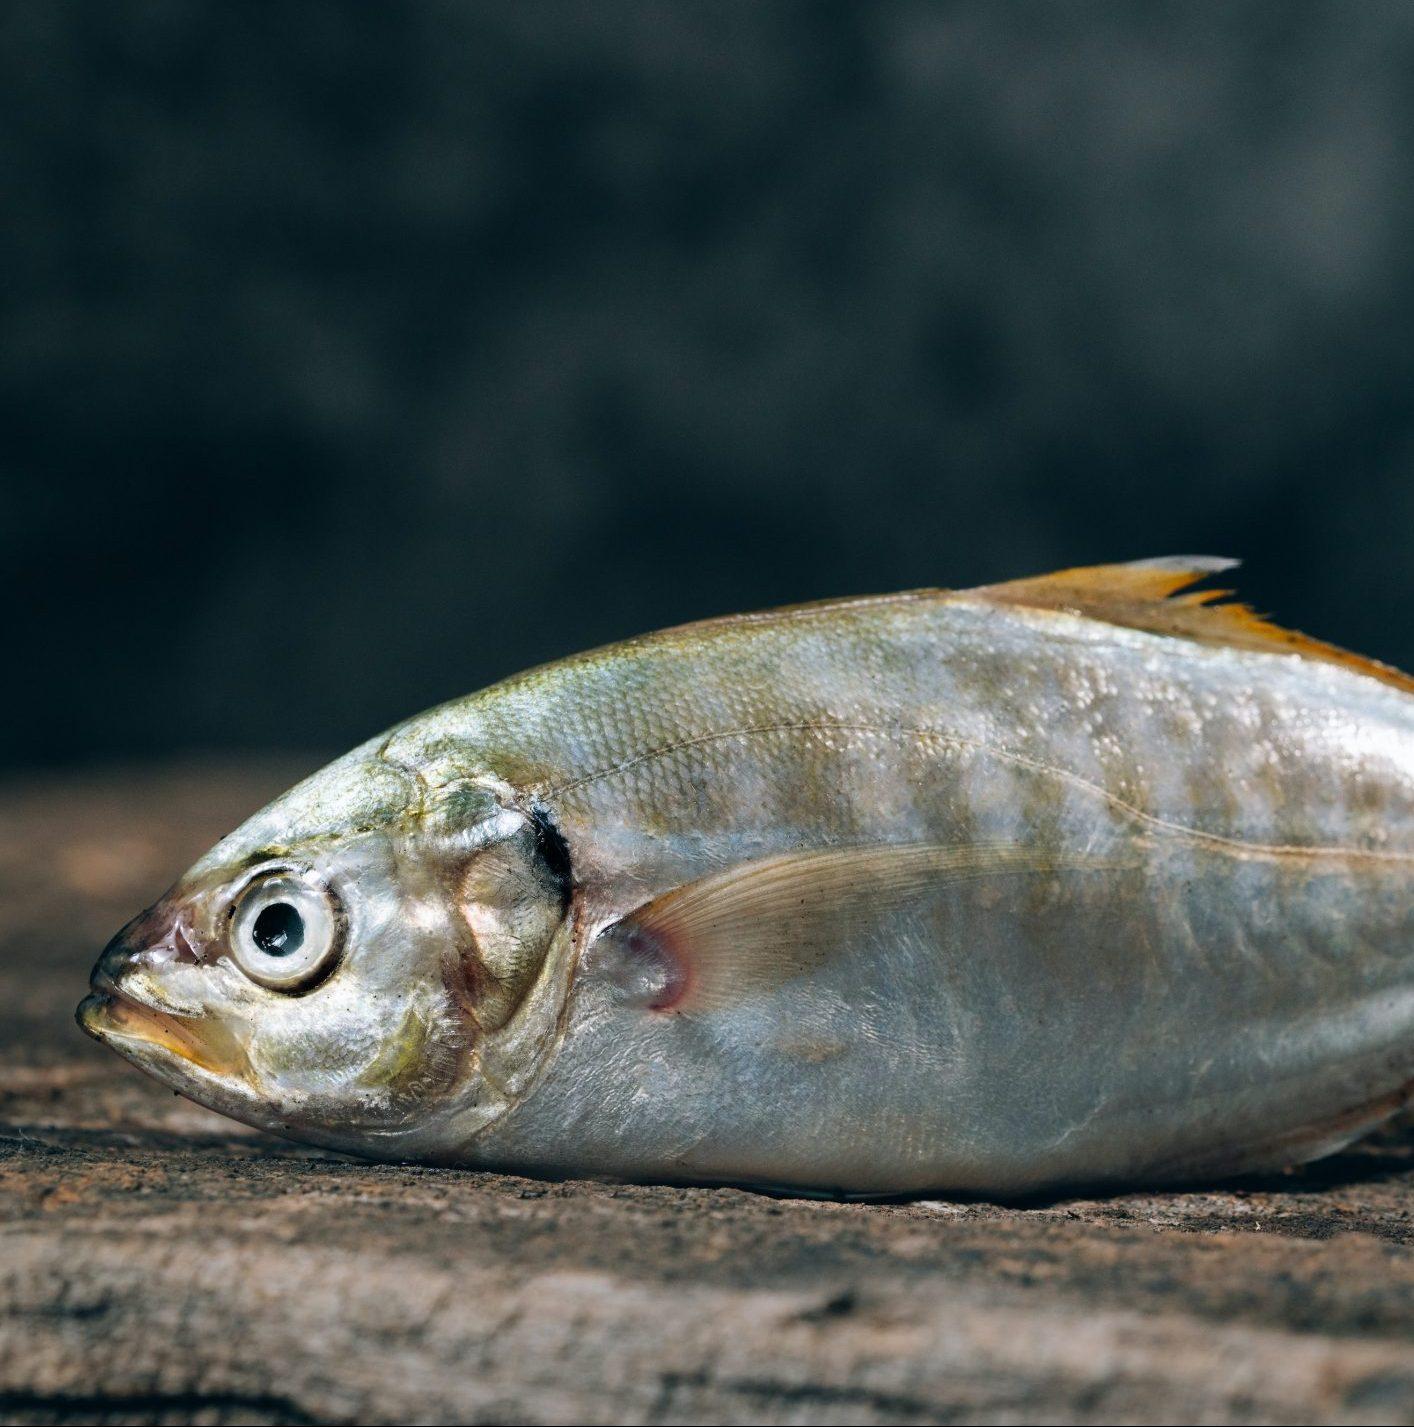 Kalaa väsymyskastikkeella lusikalla suoraan purkista ilman seksiä, kiitos